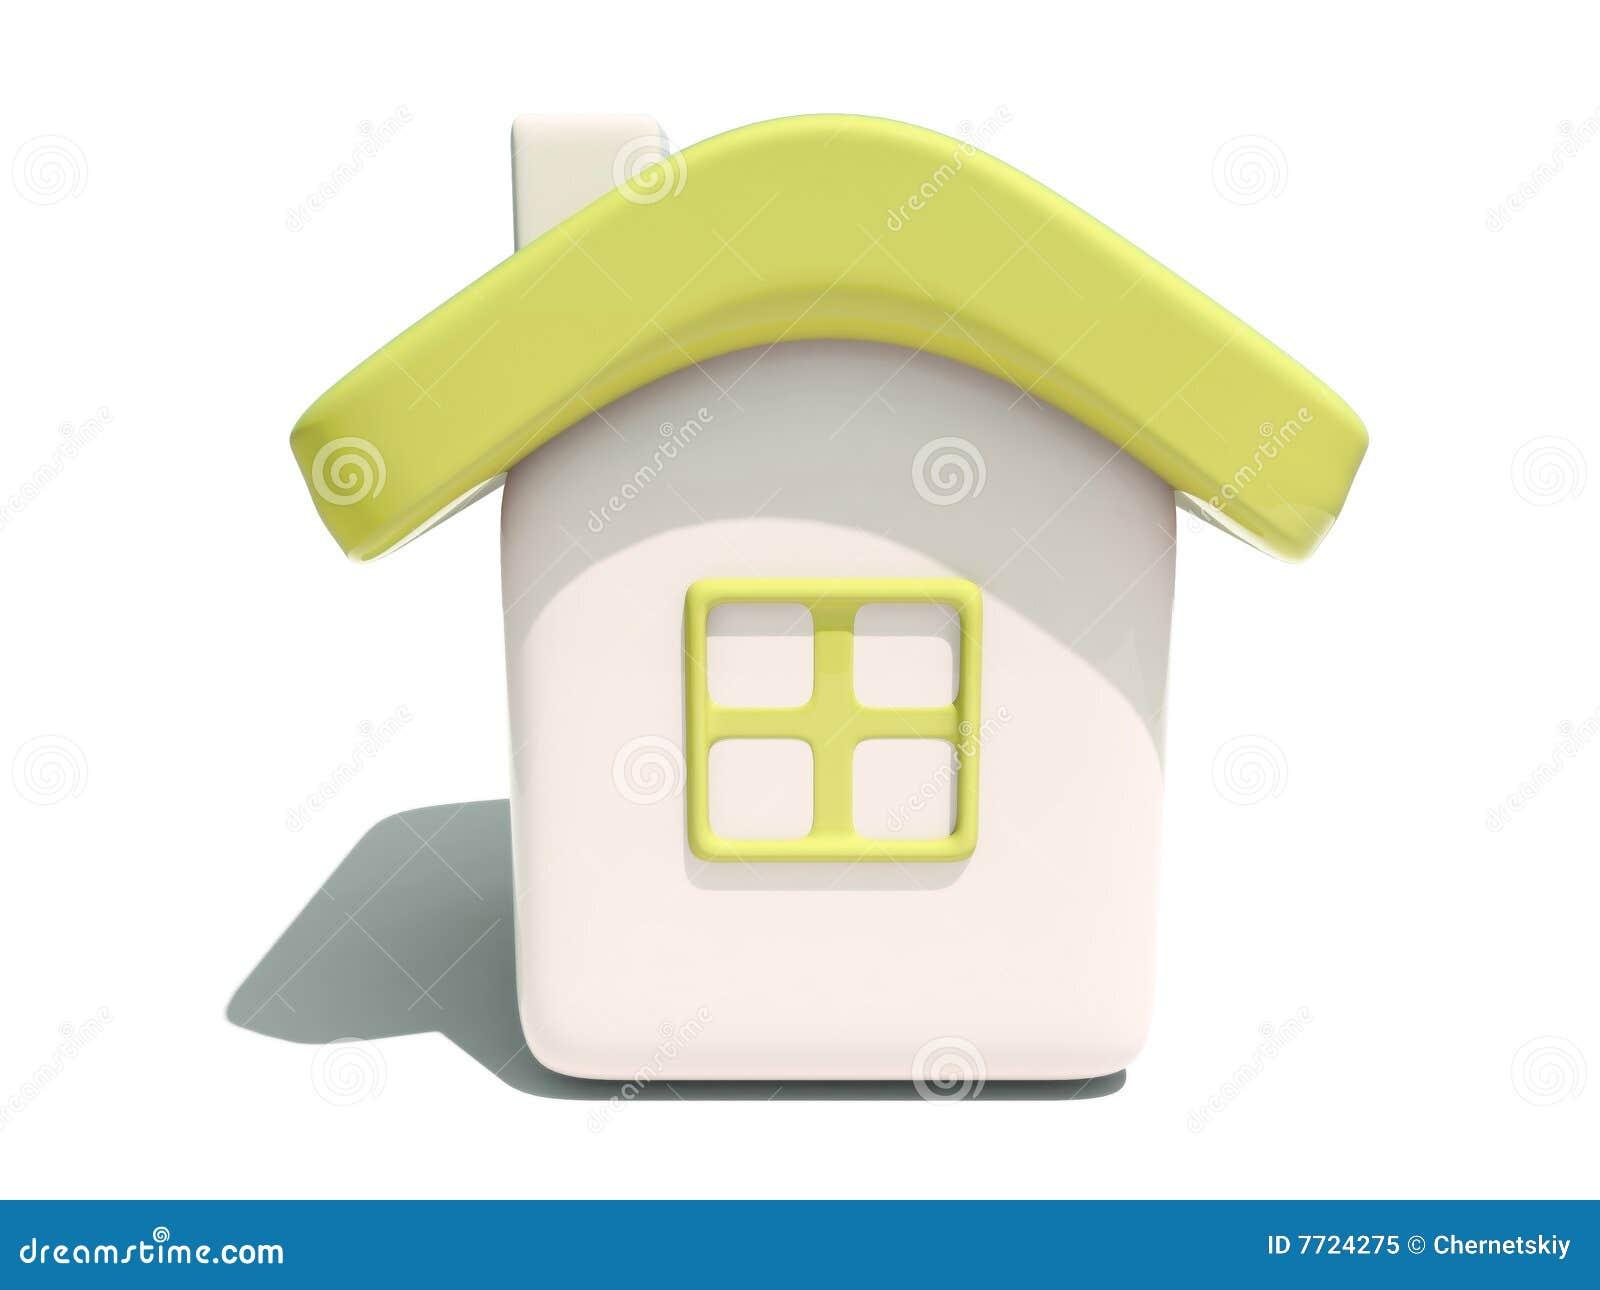 Vista frontale della casa gialla semplice 3d illustrazione for Disposizione della casa 3d